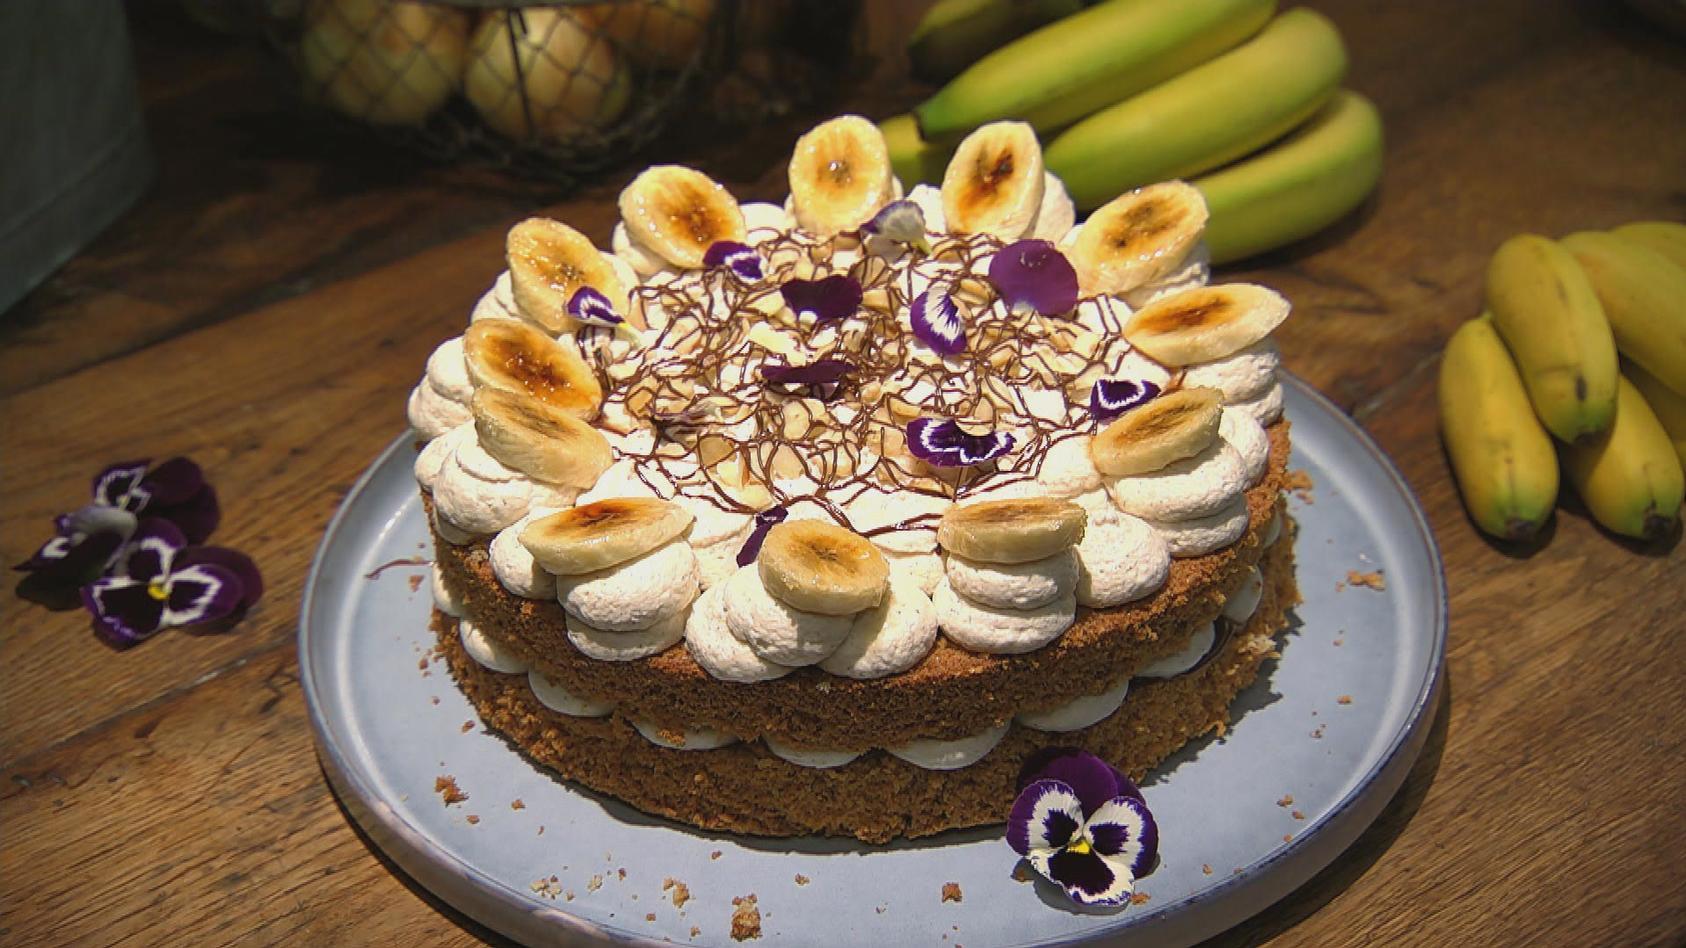 Es wird knusprig – Gerichte mit Nuss- und Mandelkern: Nuss-Bananen-Torte